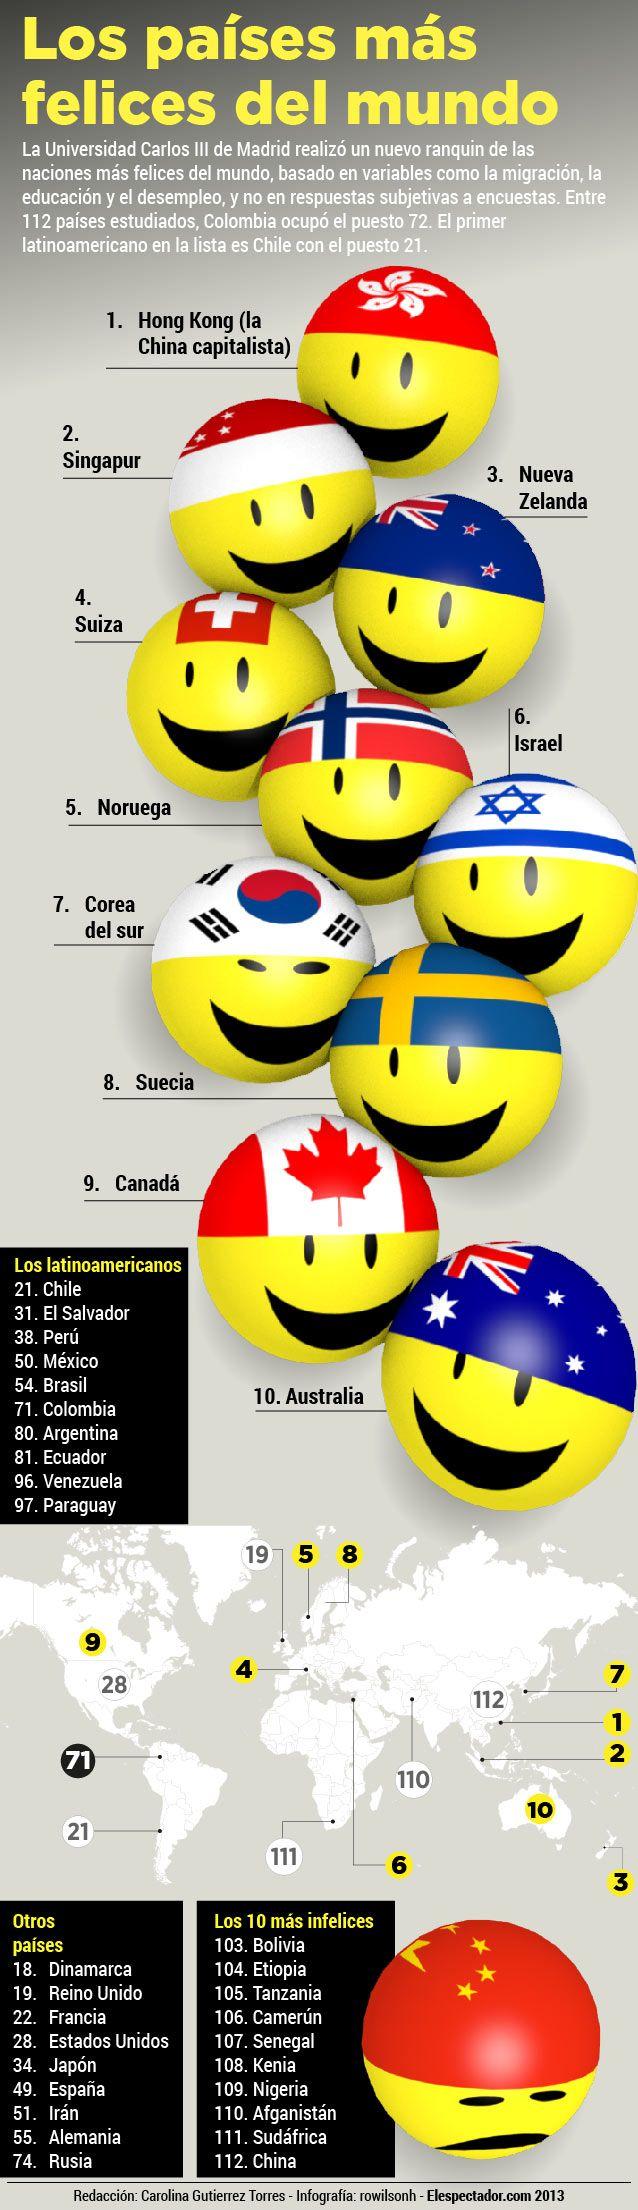 Los países más felices del mundo: Nuevo ranking basado otras variables. Colombia ocupó el puesto 72 entre 112 países estudiados.